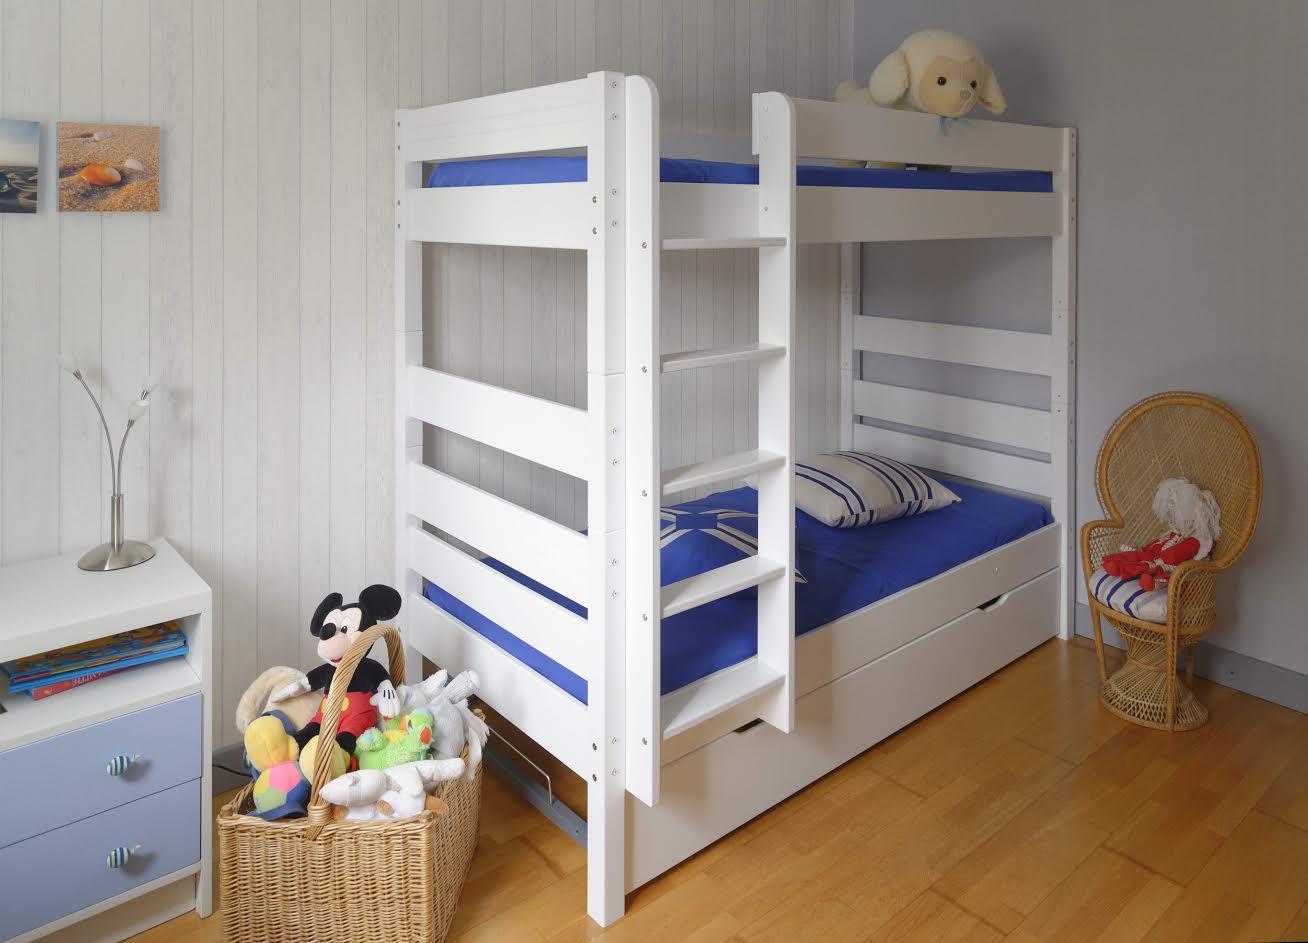 Etagenbett Für Zwei Kinder : Möbel betten für kinder schÖner wohnen